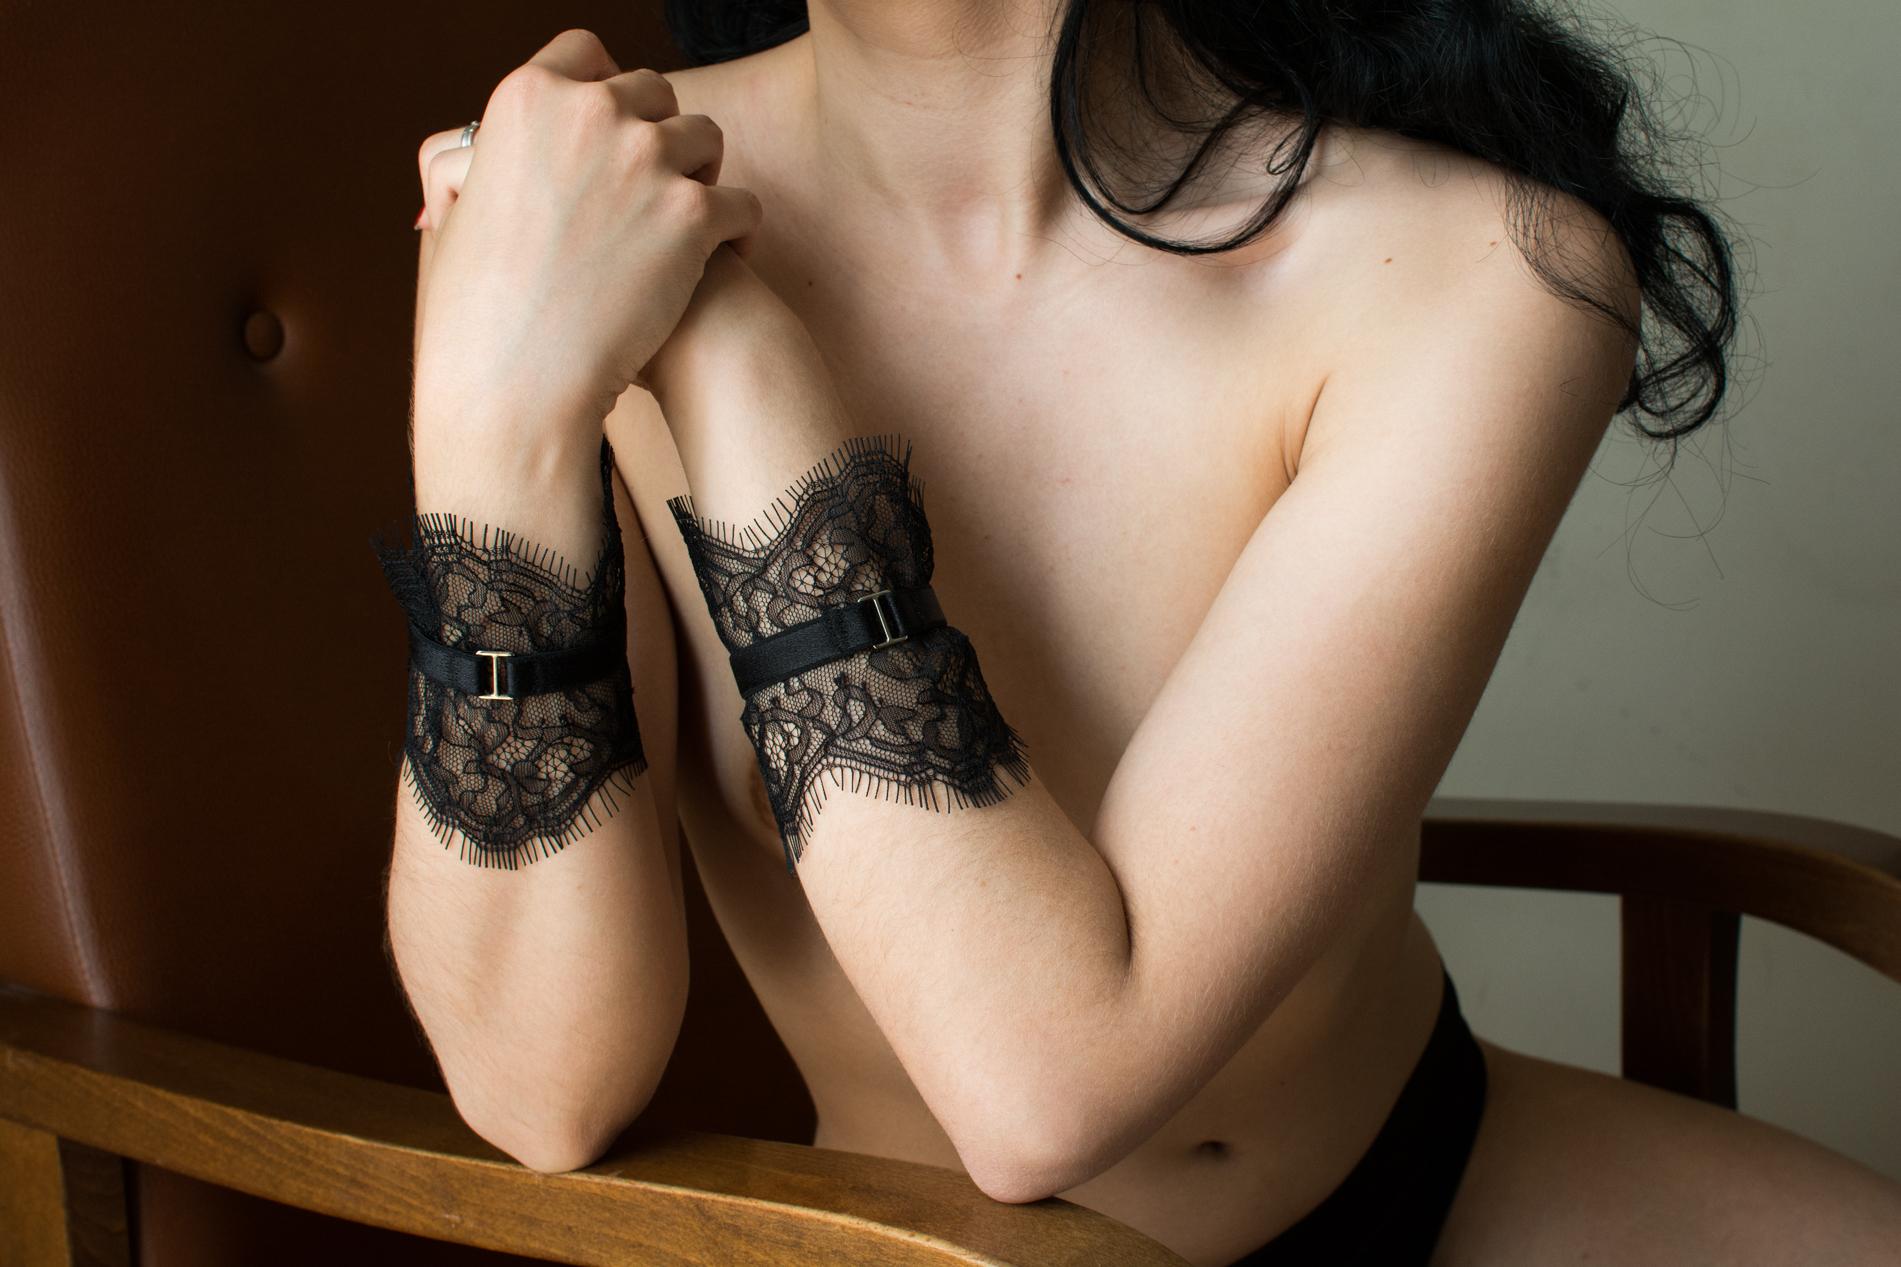 accessoires lingerie en dentelle made in france manchettes_DLZ7043.jpg